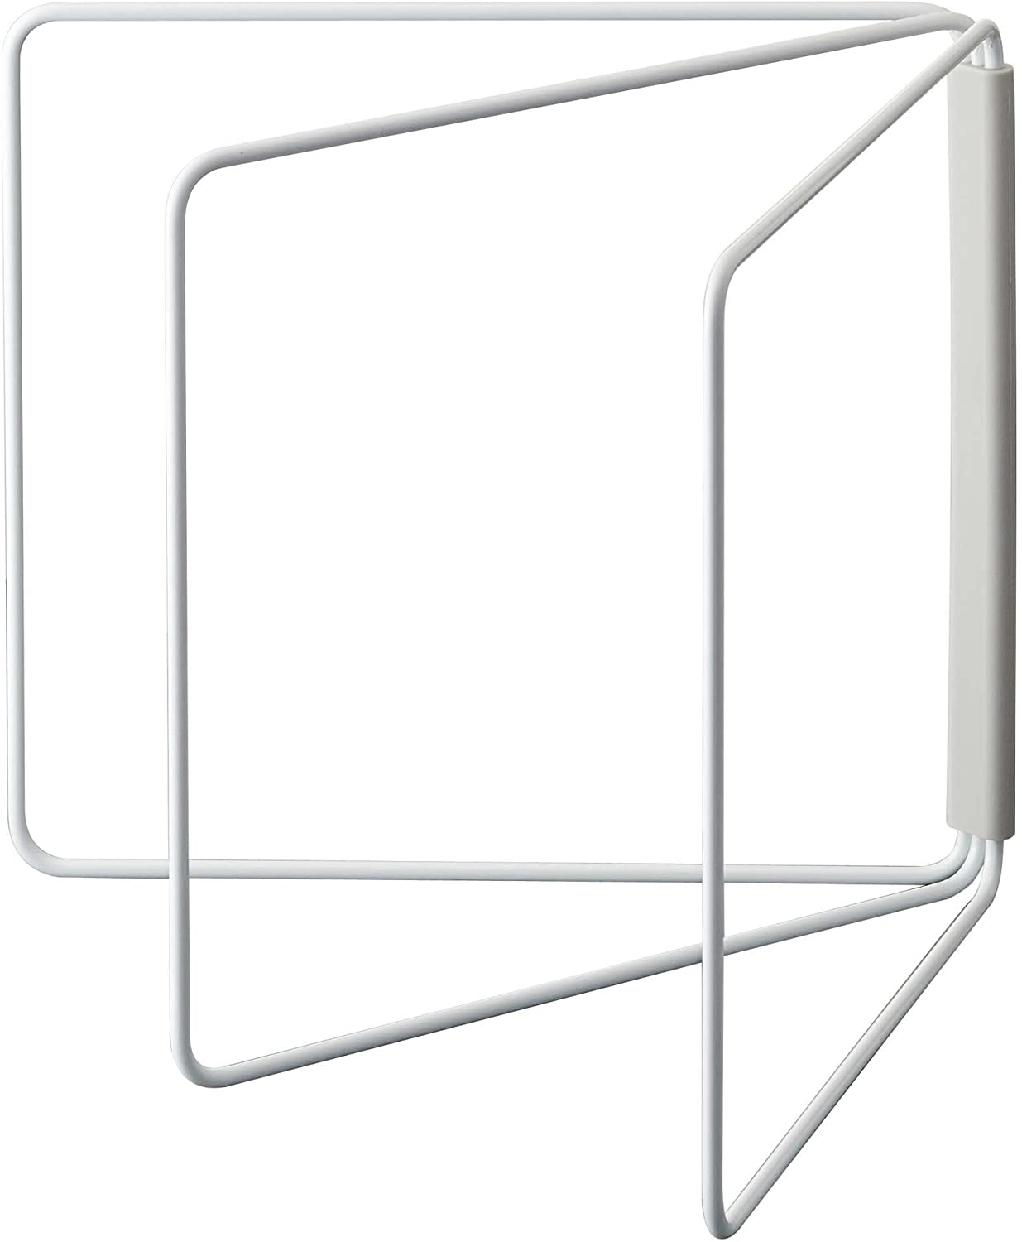 山崎実業(ヤマザキジツギョウ)折り畳み布巾ハンガー タワーの商品画像2